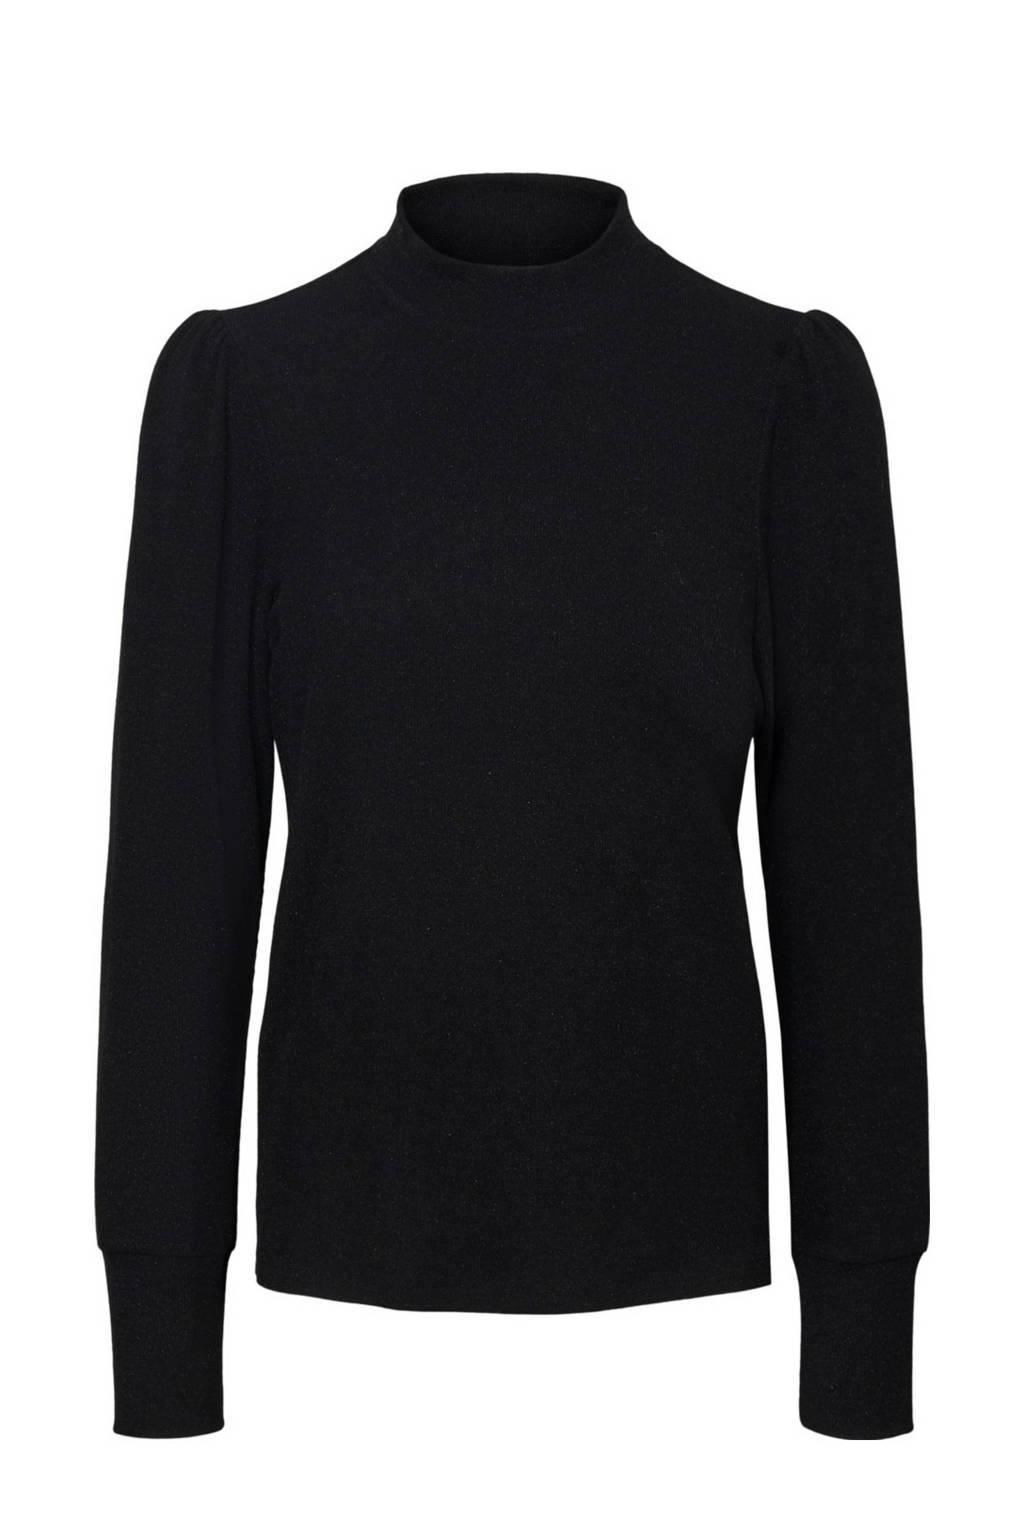 VERO MODA blouse VMBELLA top, Zwart